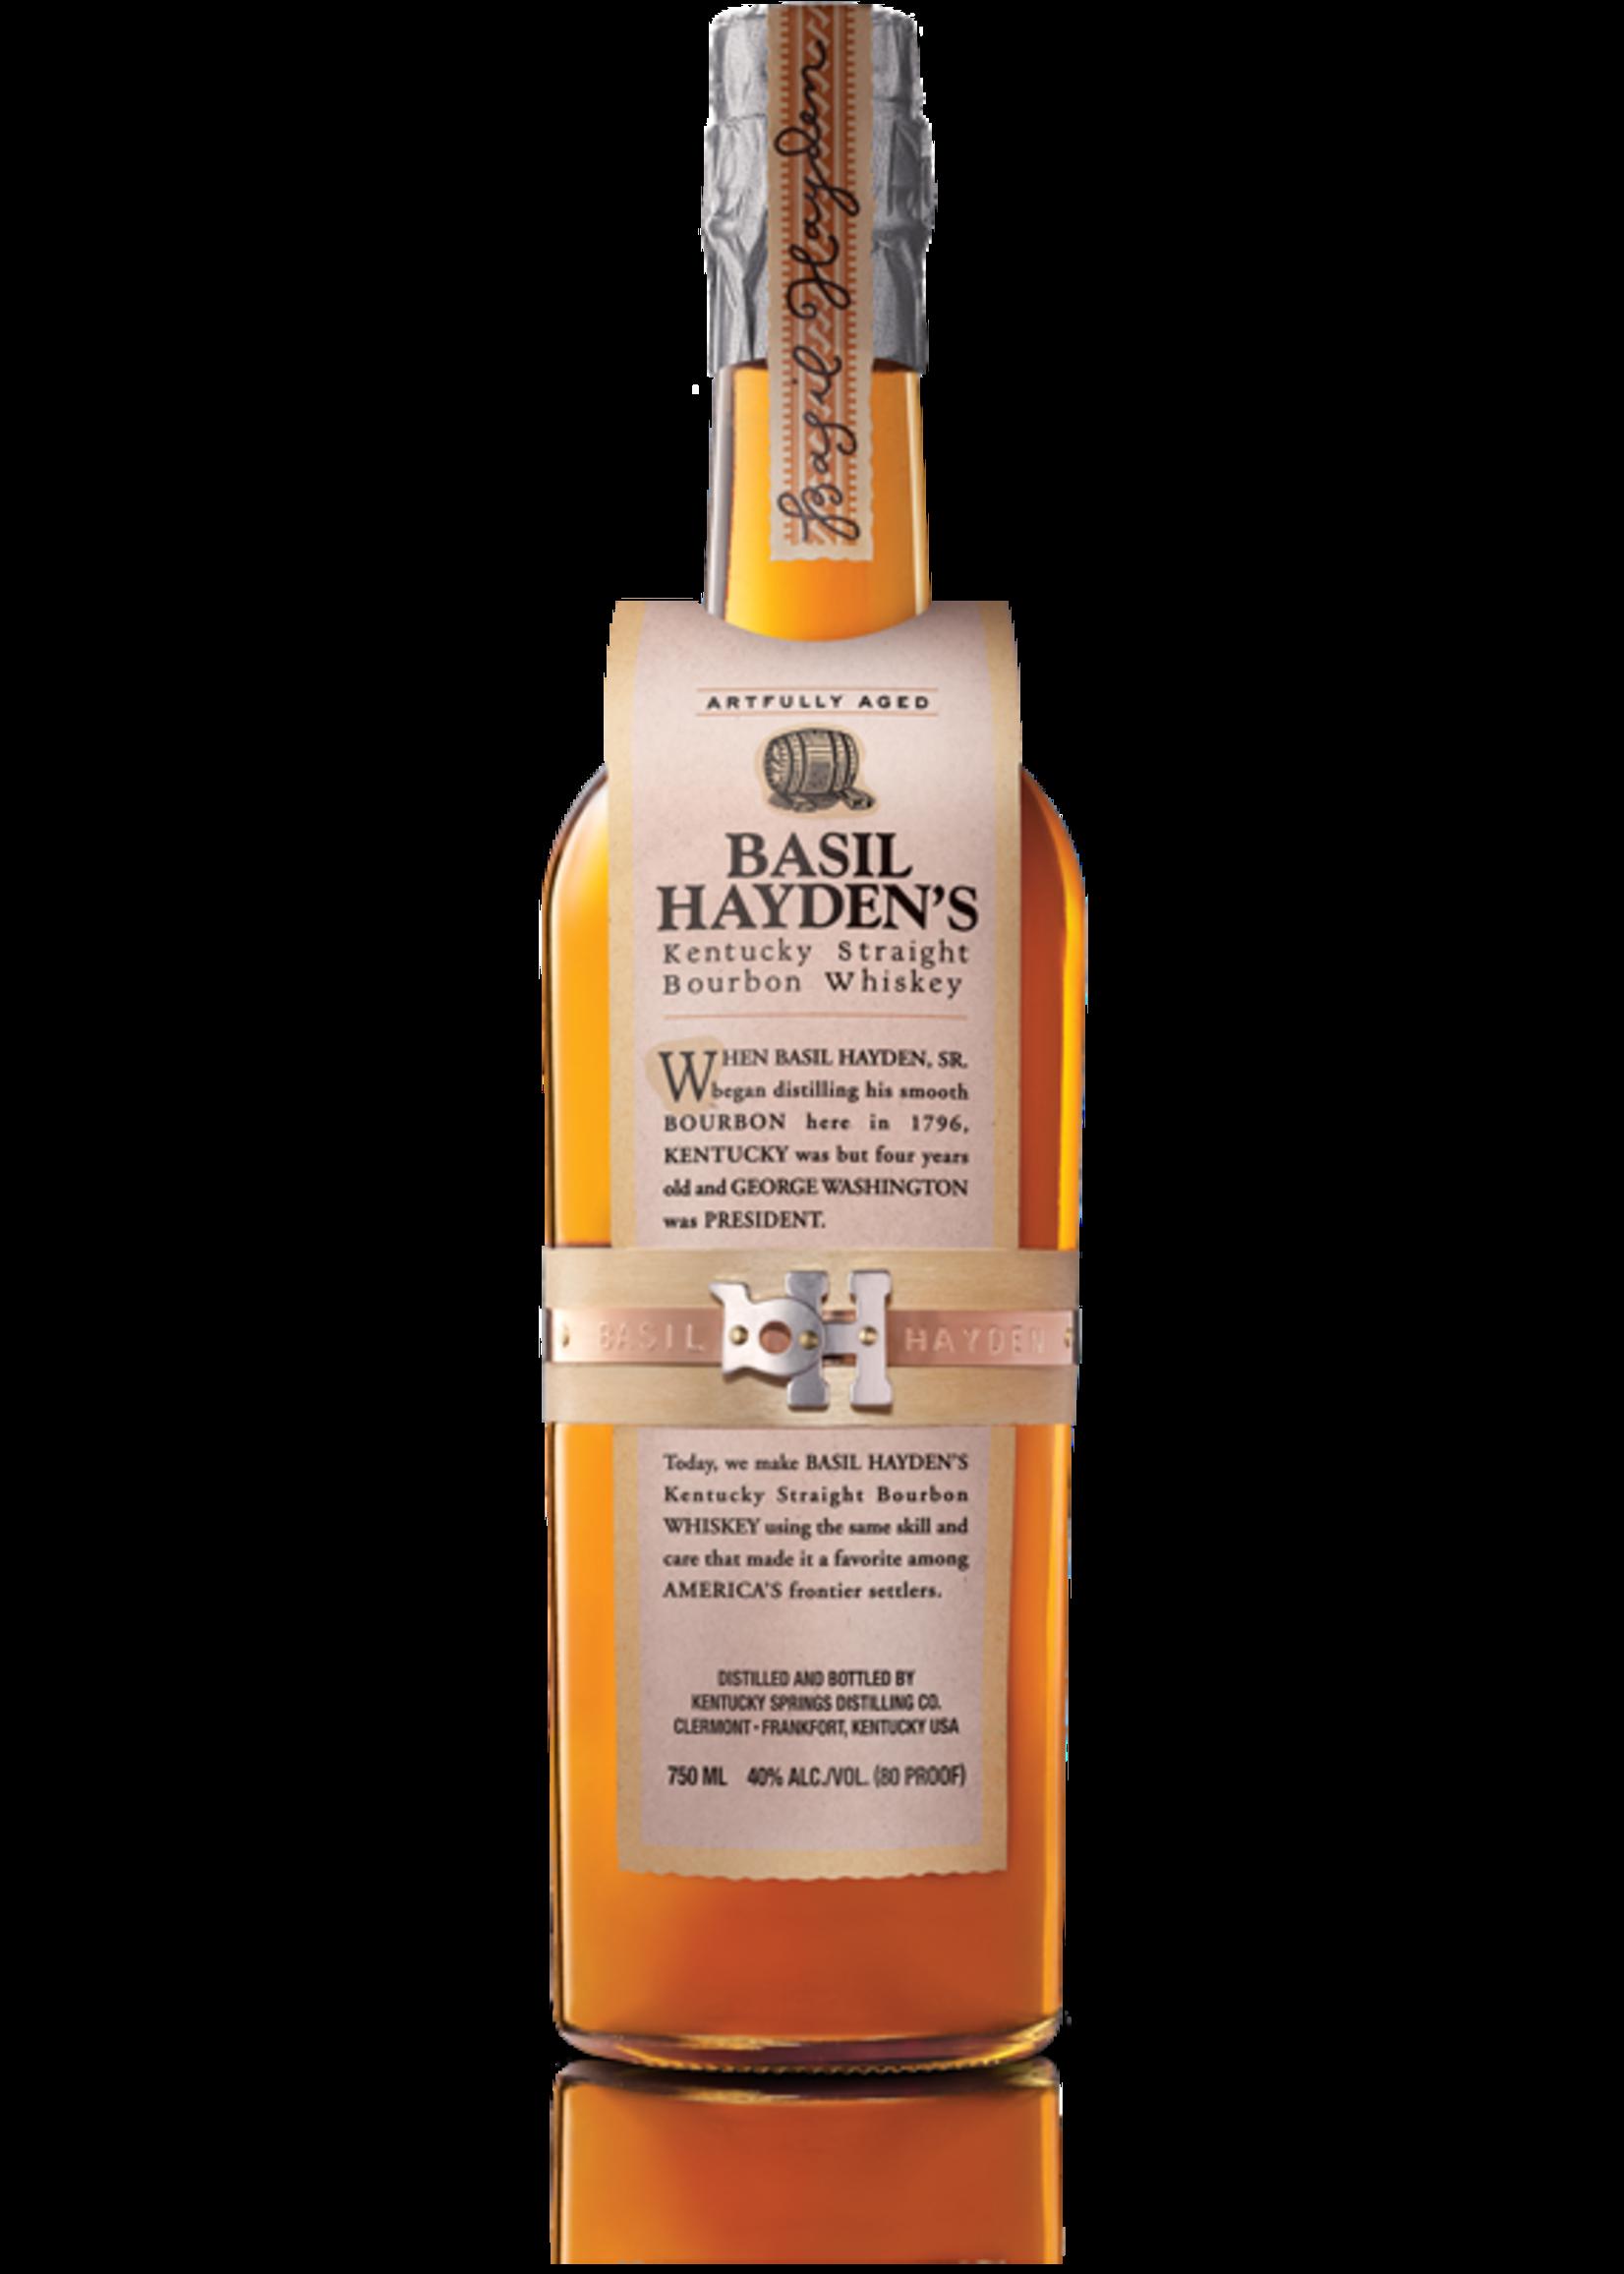 Basil Hayden's Basil Hayden's / Kentucky Straight Bourbon Whiskey